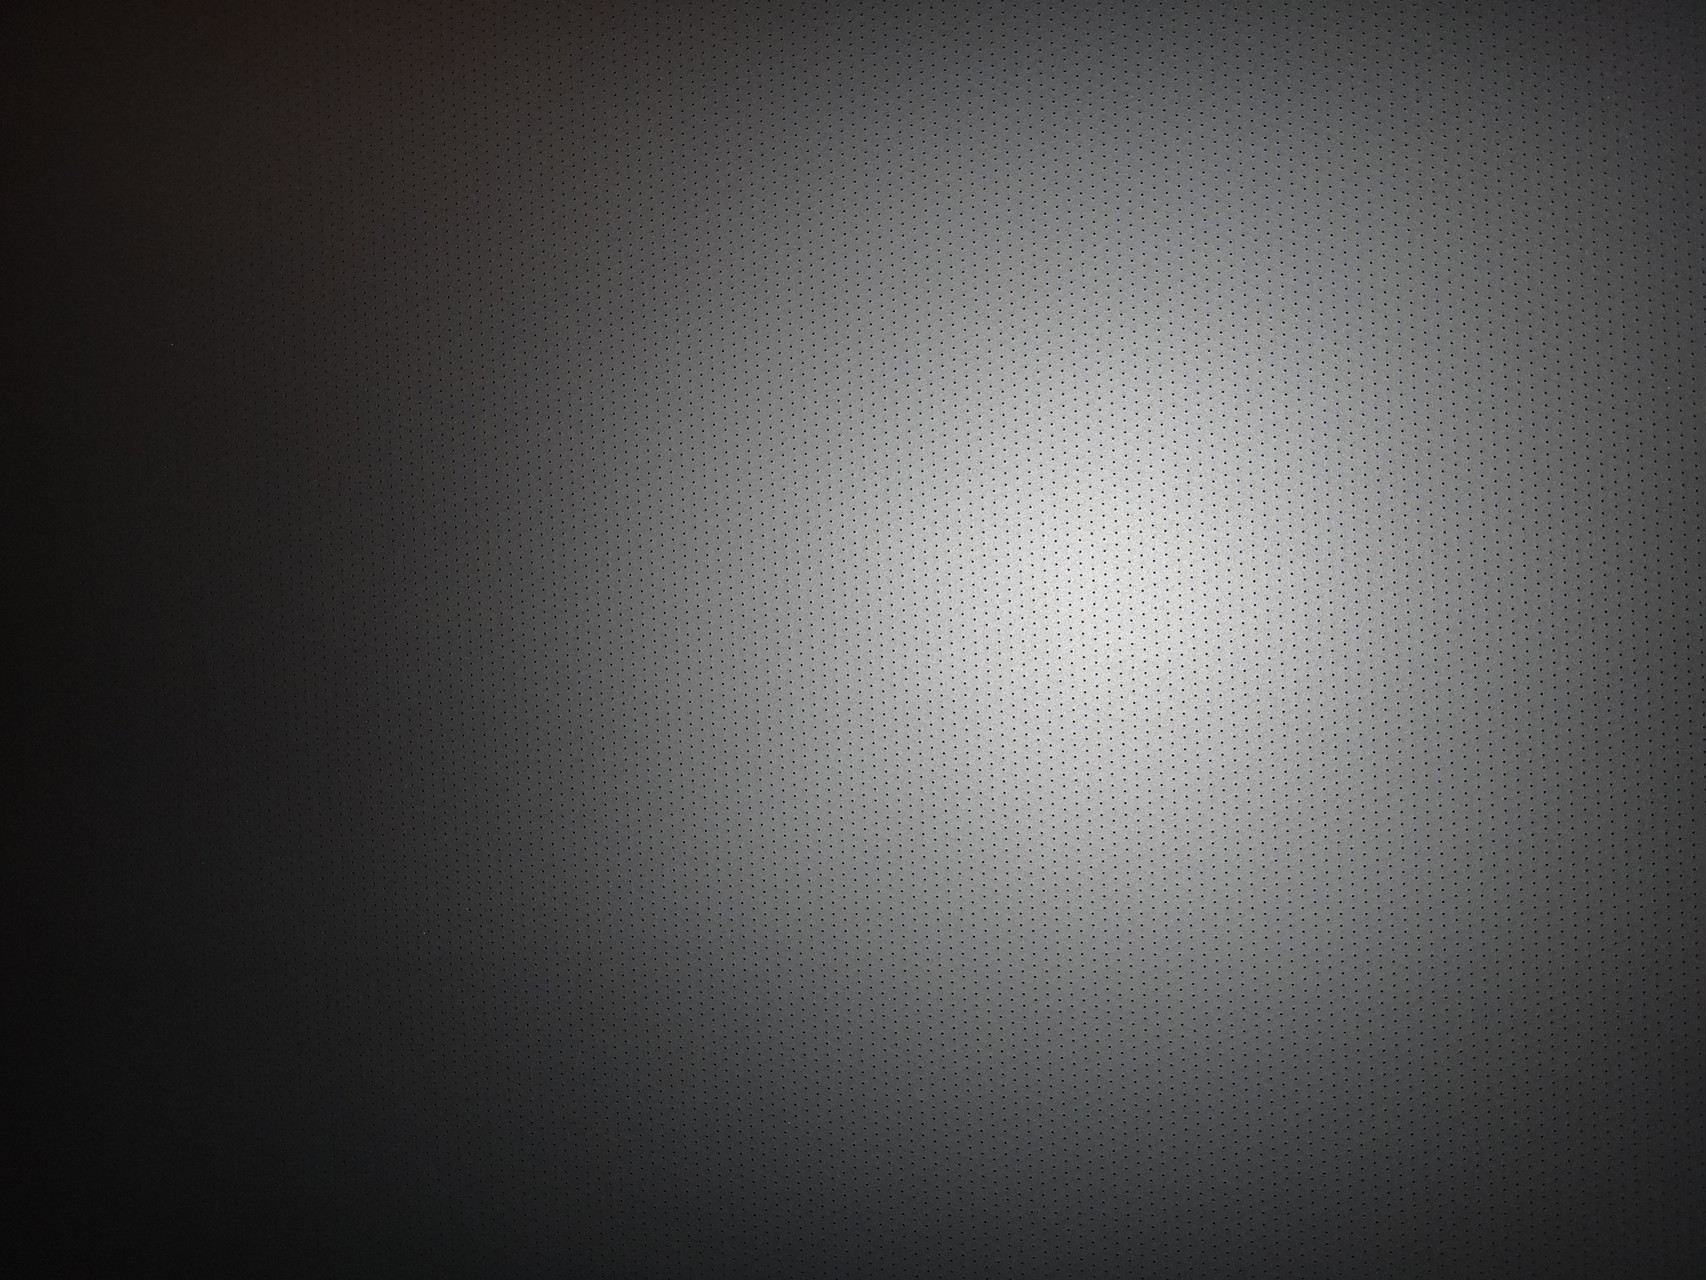 Gros plan sur l'écran